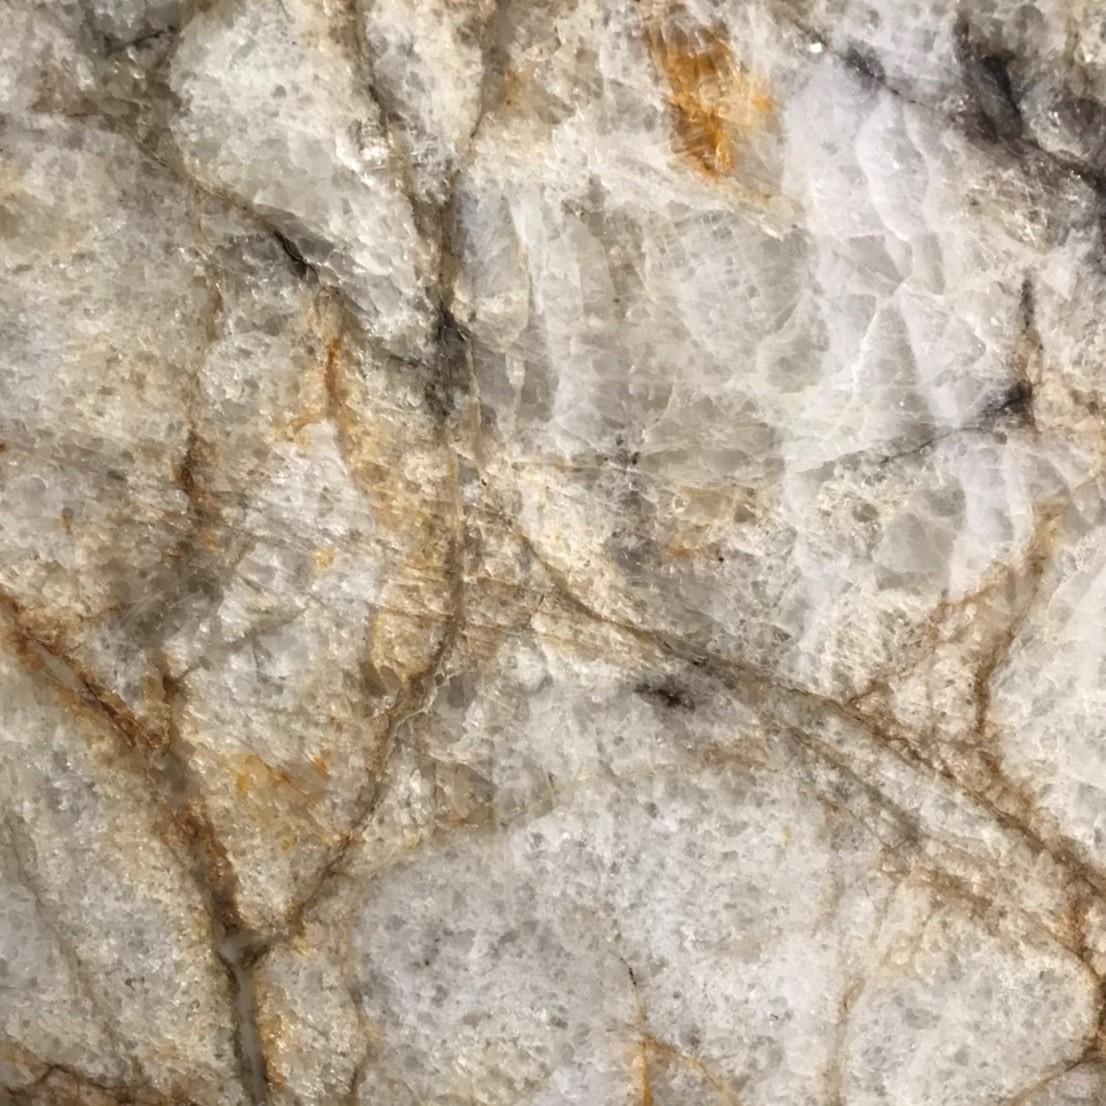 ✔ 表面處理:亮面 ✔ 原石產地:希臘 ✔ 適合施作:檯面、牆面、電視牆